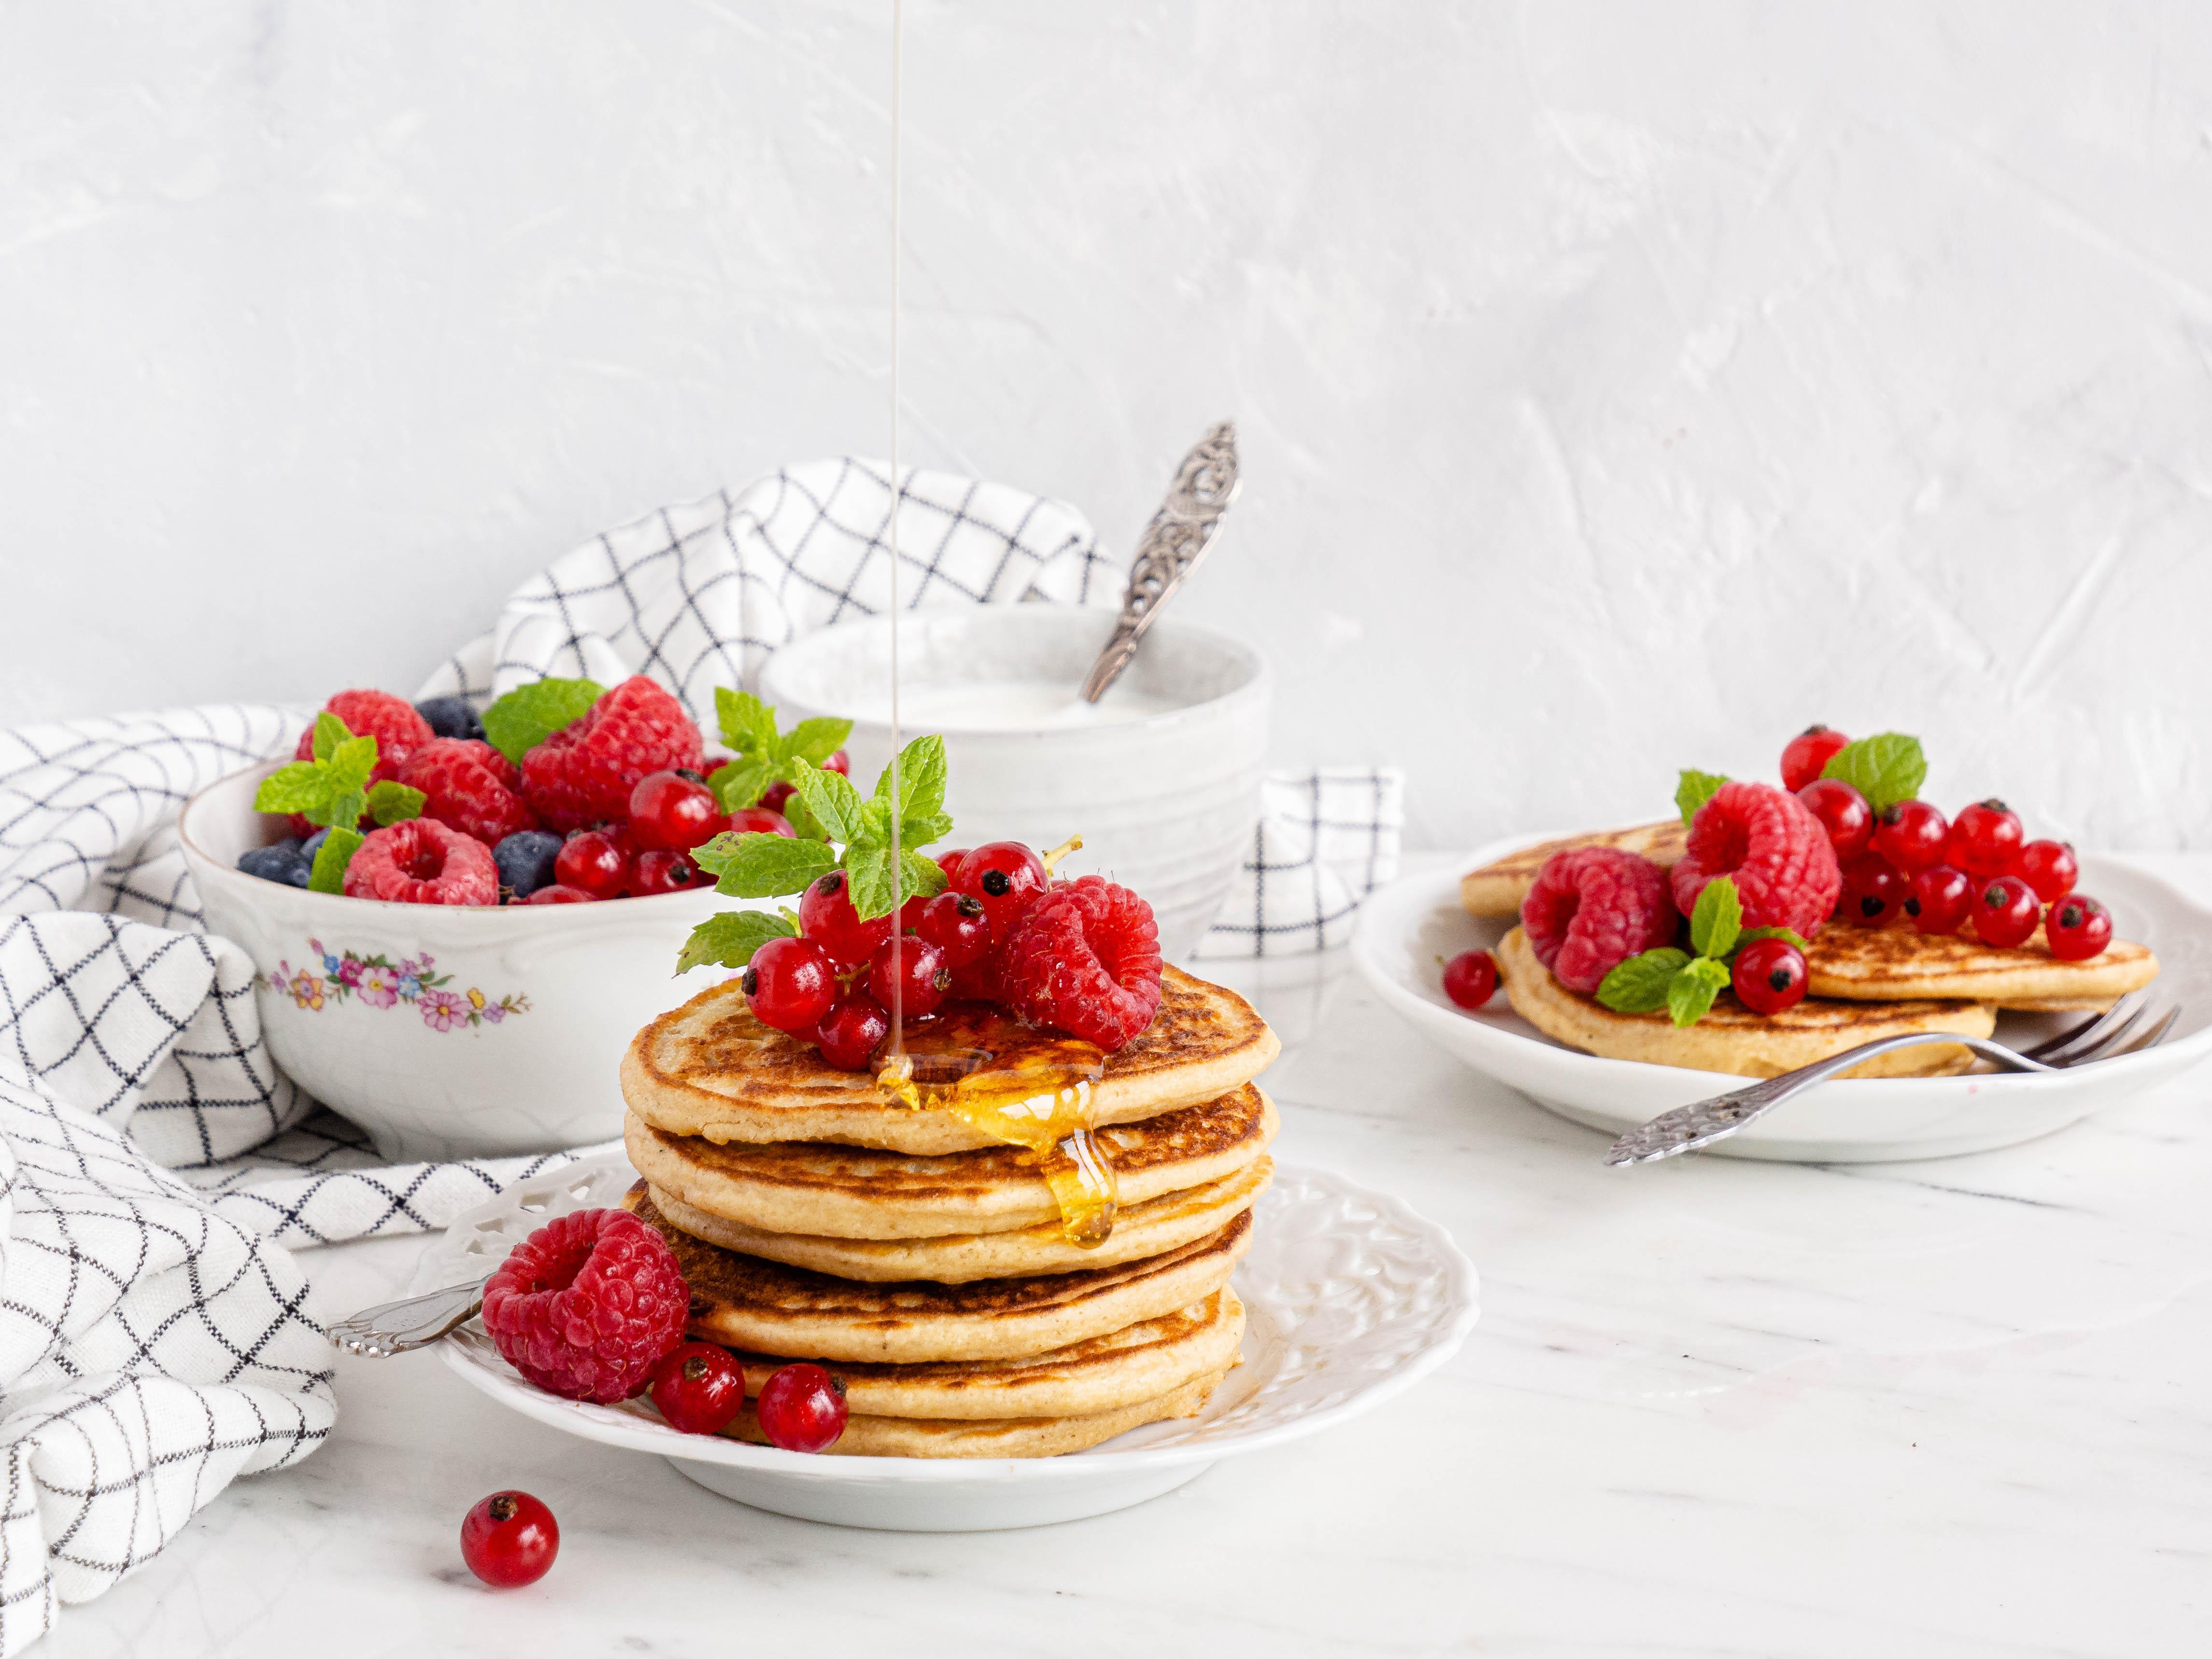 Karnemelk pancakes